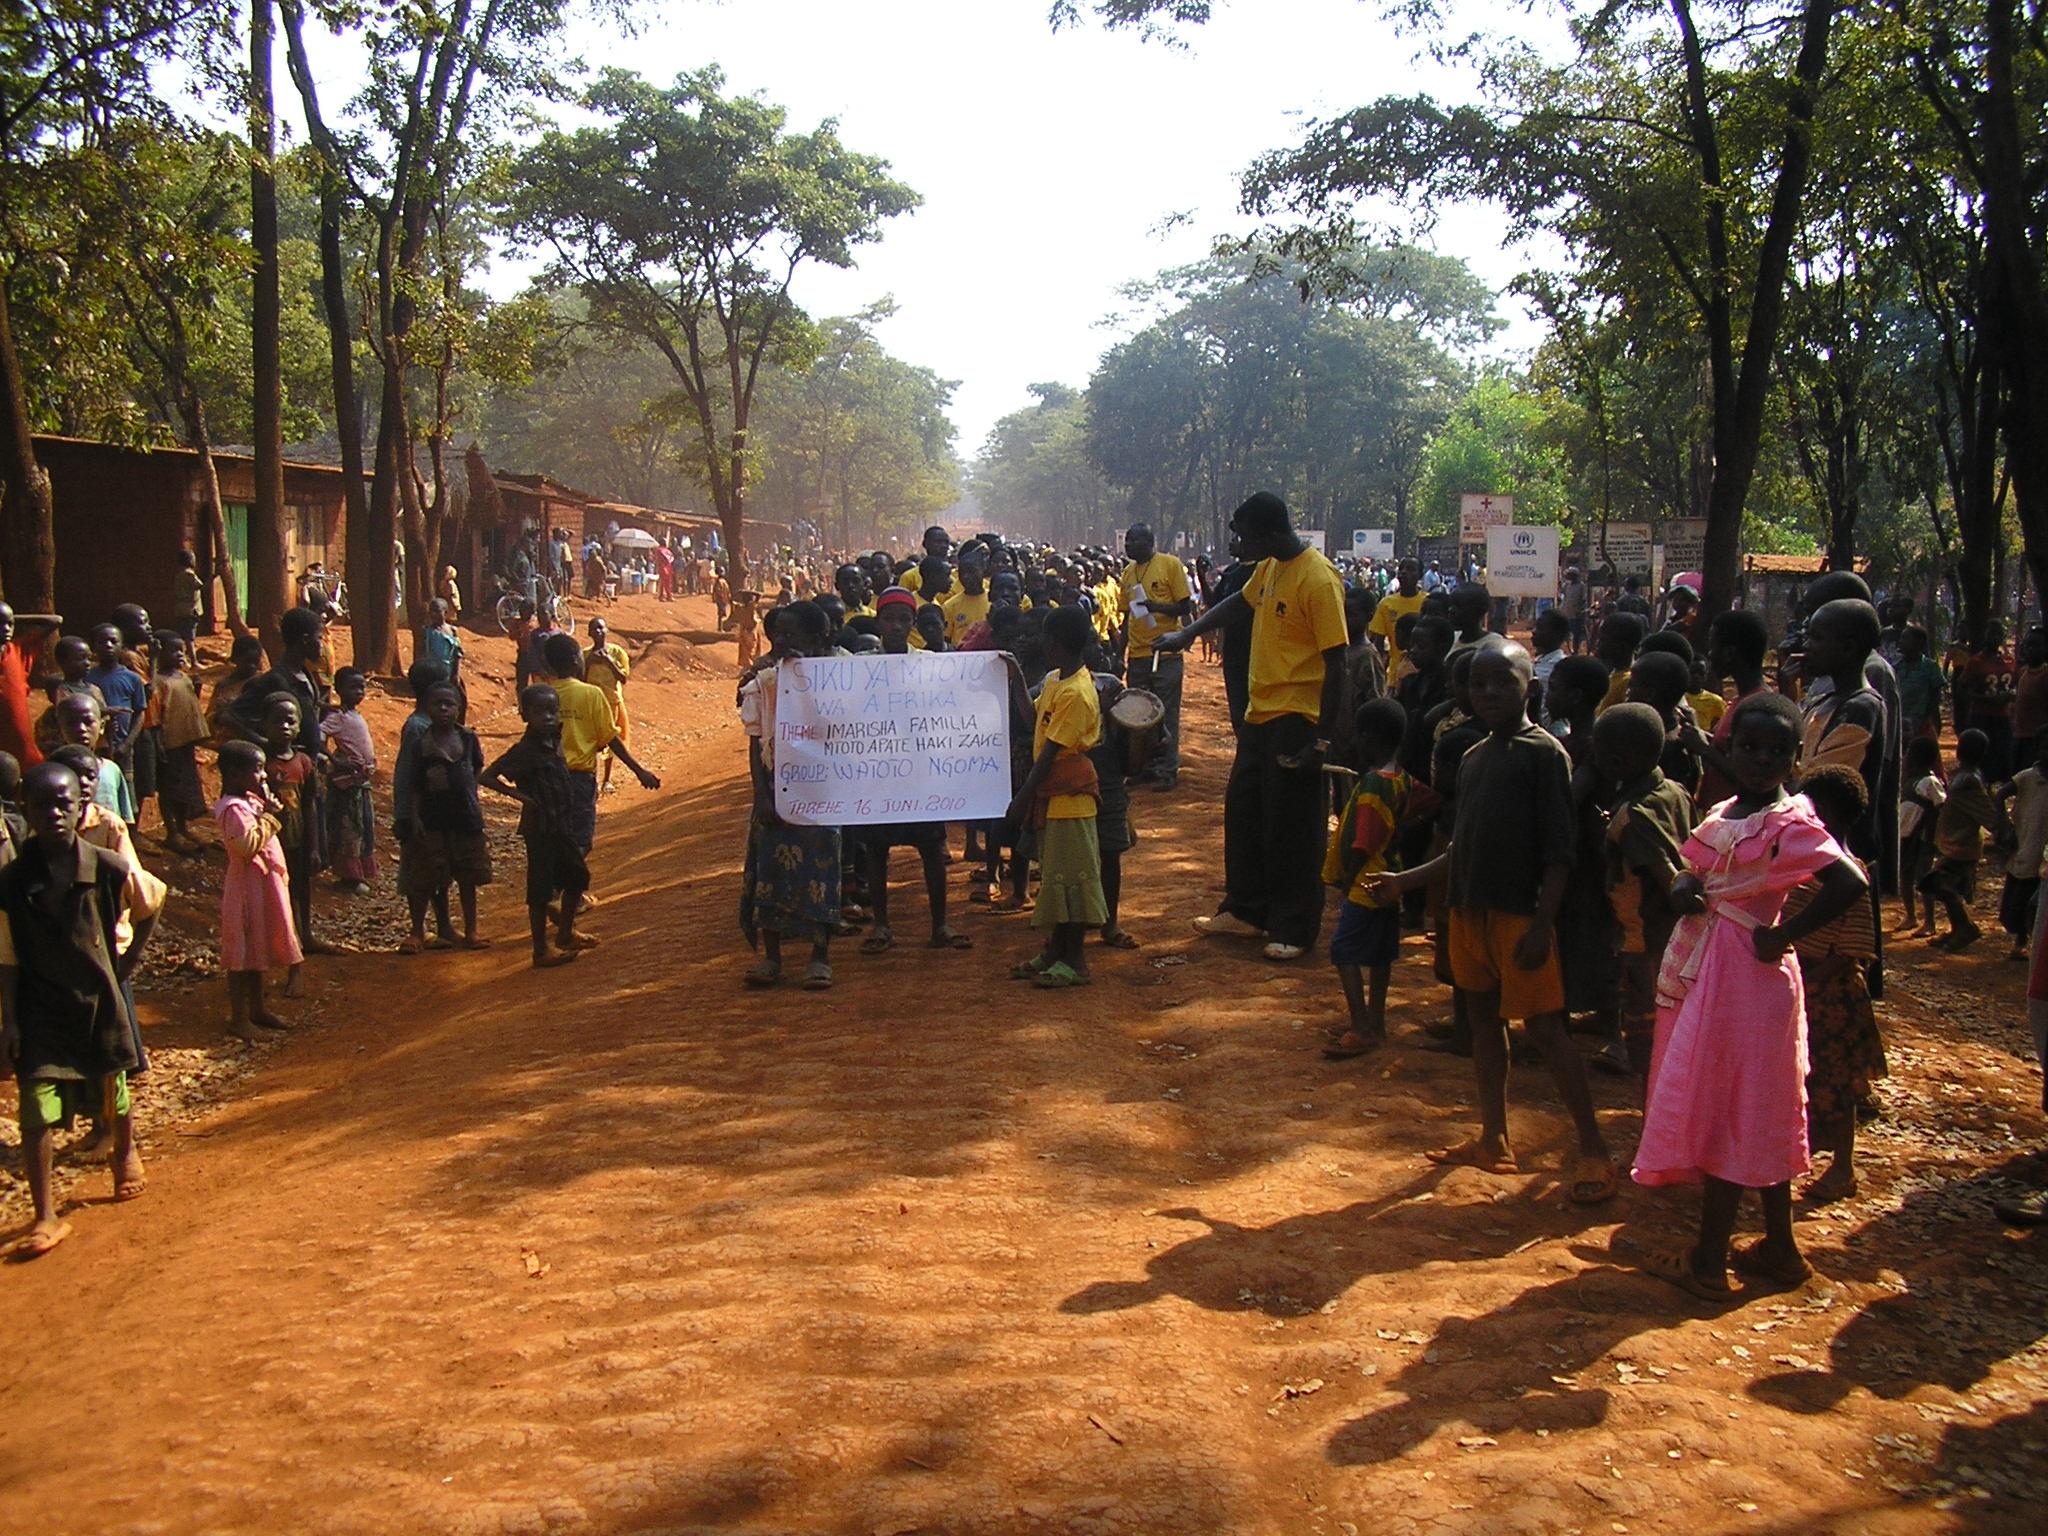 Nyarugusu-Camp : wa jambazi wana maliza kuiba watu vitu kambini Nyarugusu